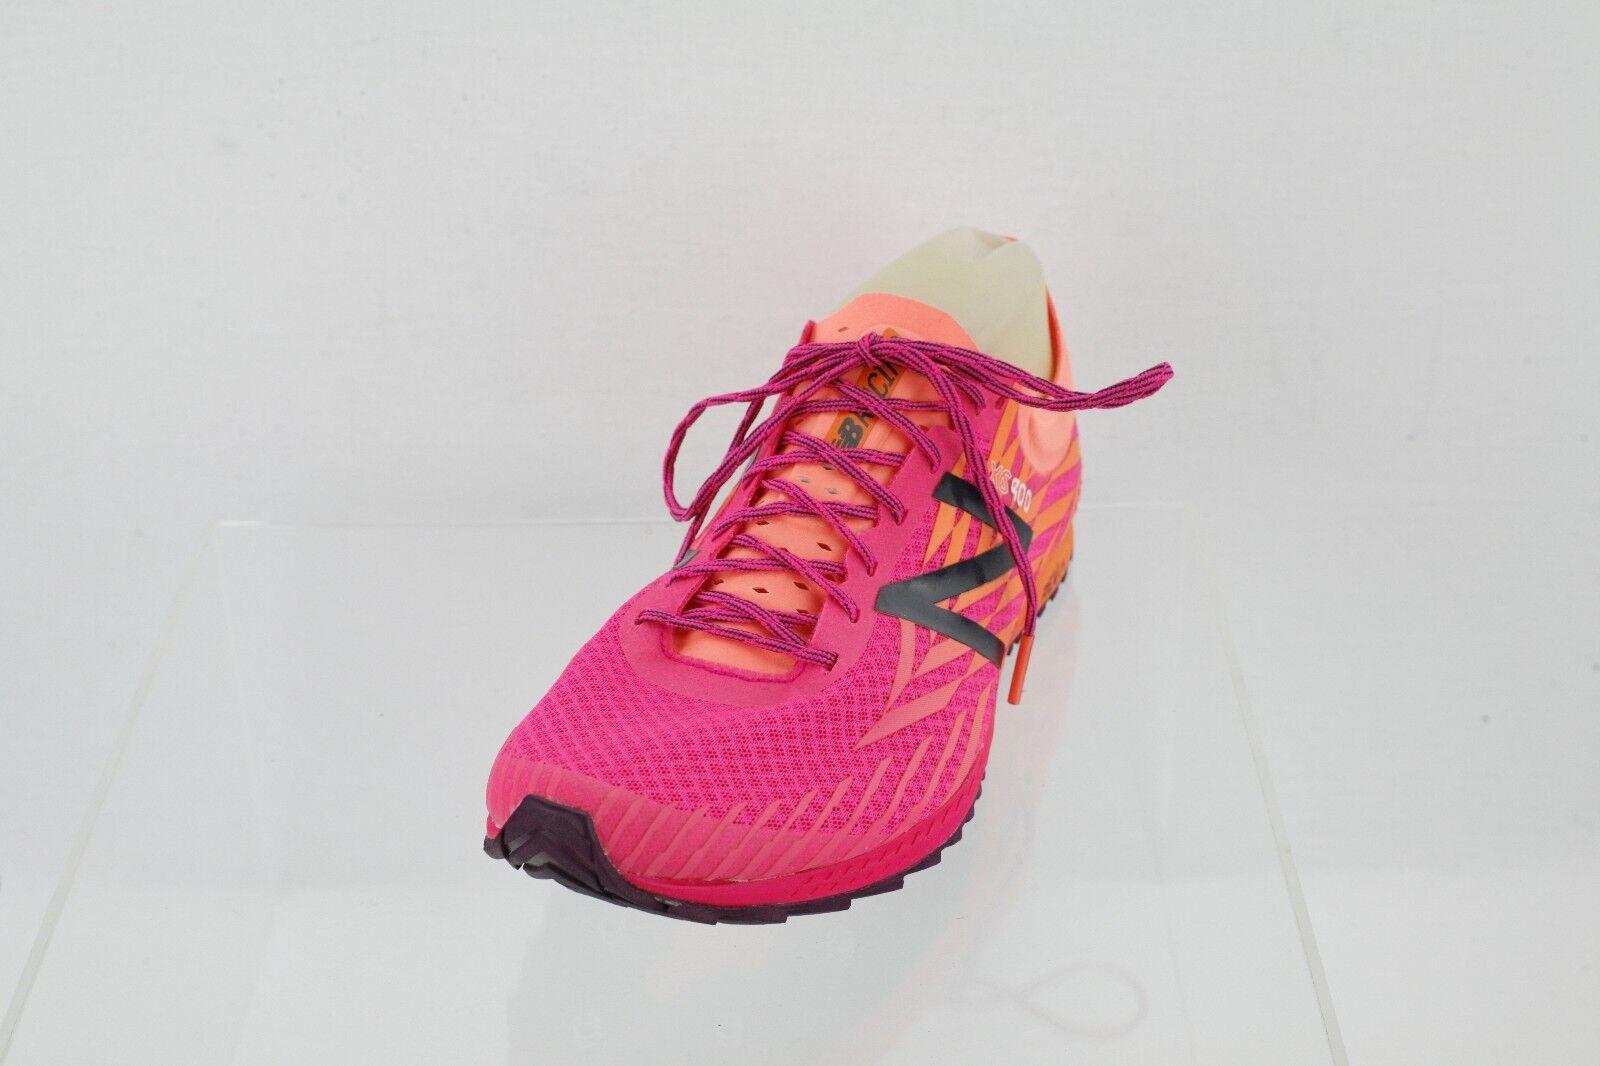 Para Mujeres con cordones Piel De Conejo Plataforma Tenis Tenis Plataforma casualeses Zapatos Deporte Zapatillas Zapatos 1fd99d